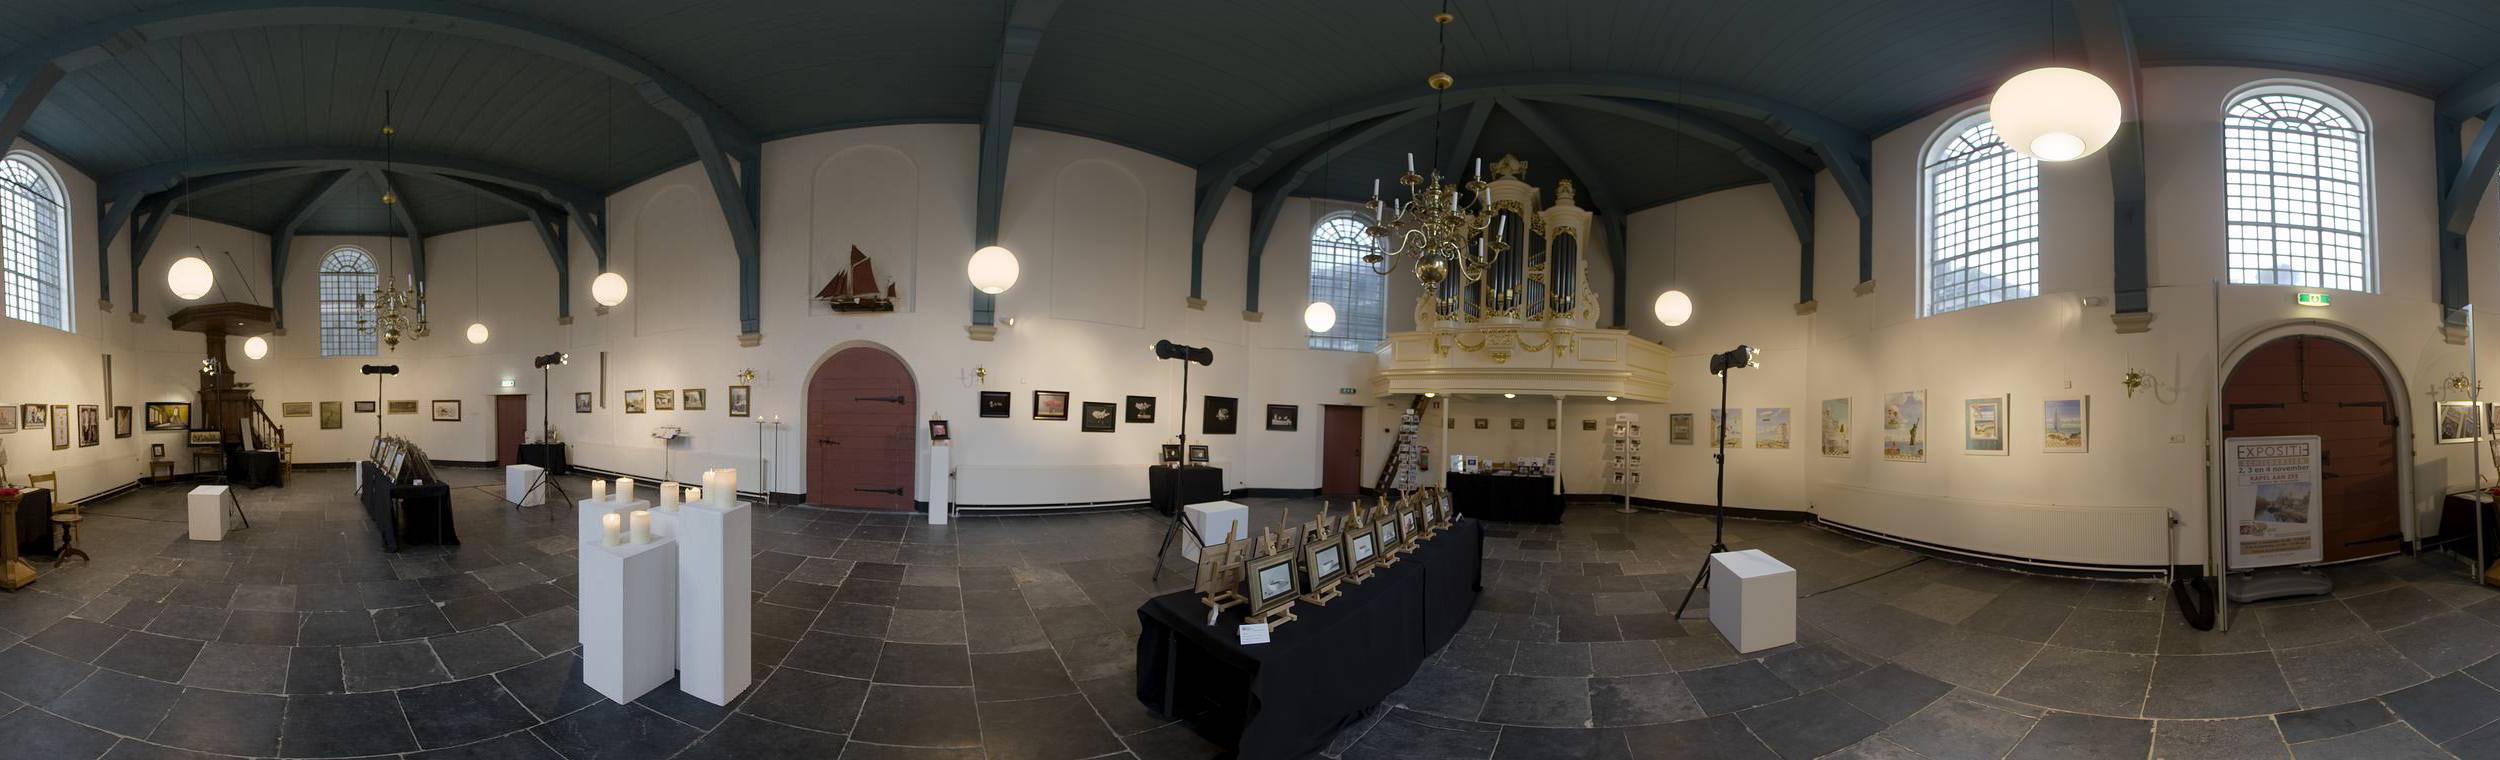 Noordwijk_Kerk_Pano